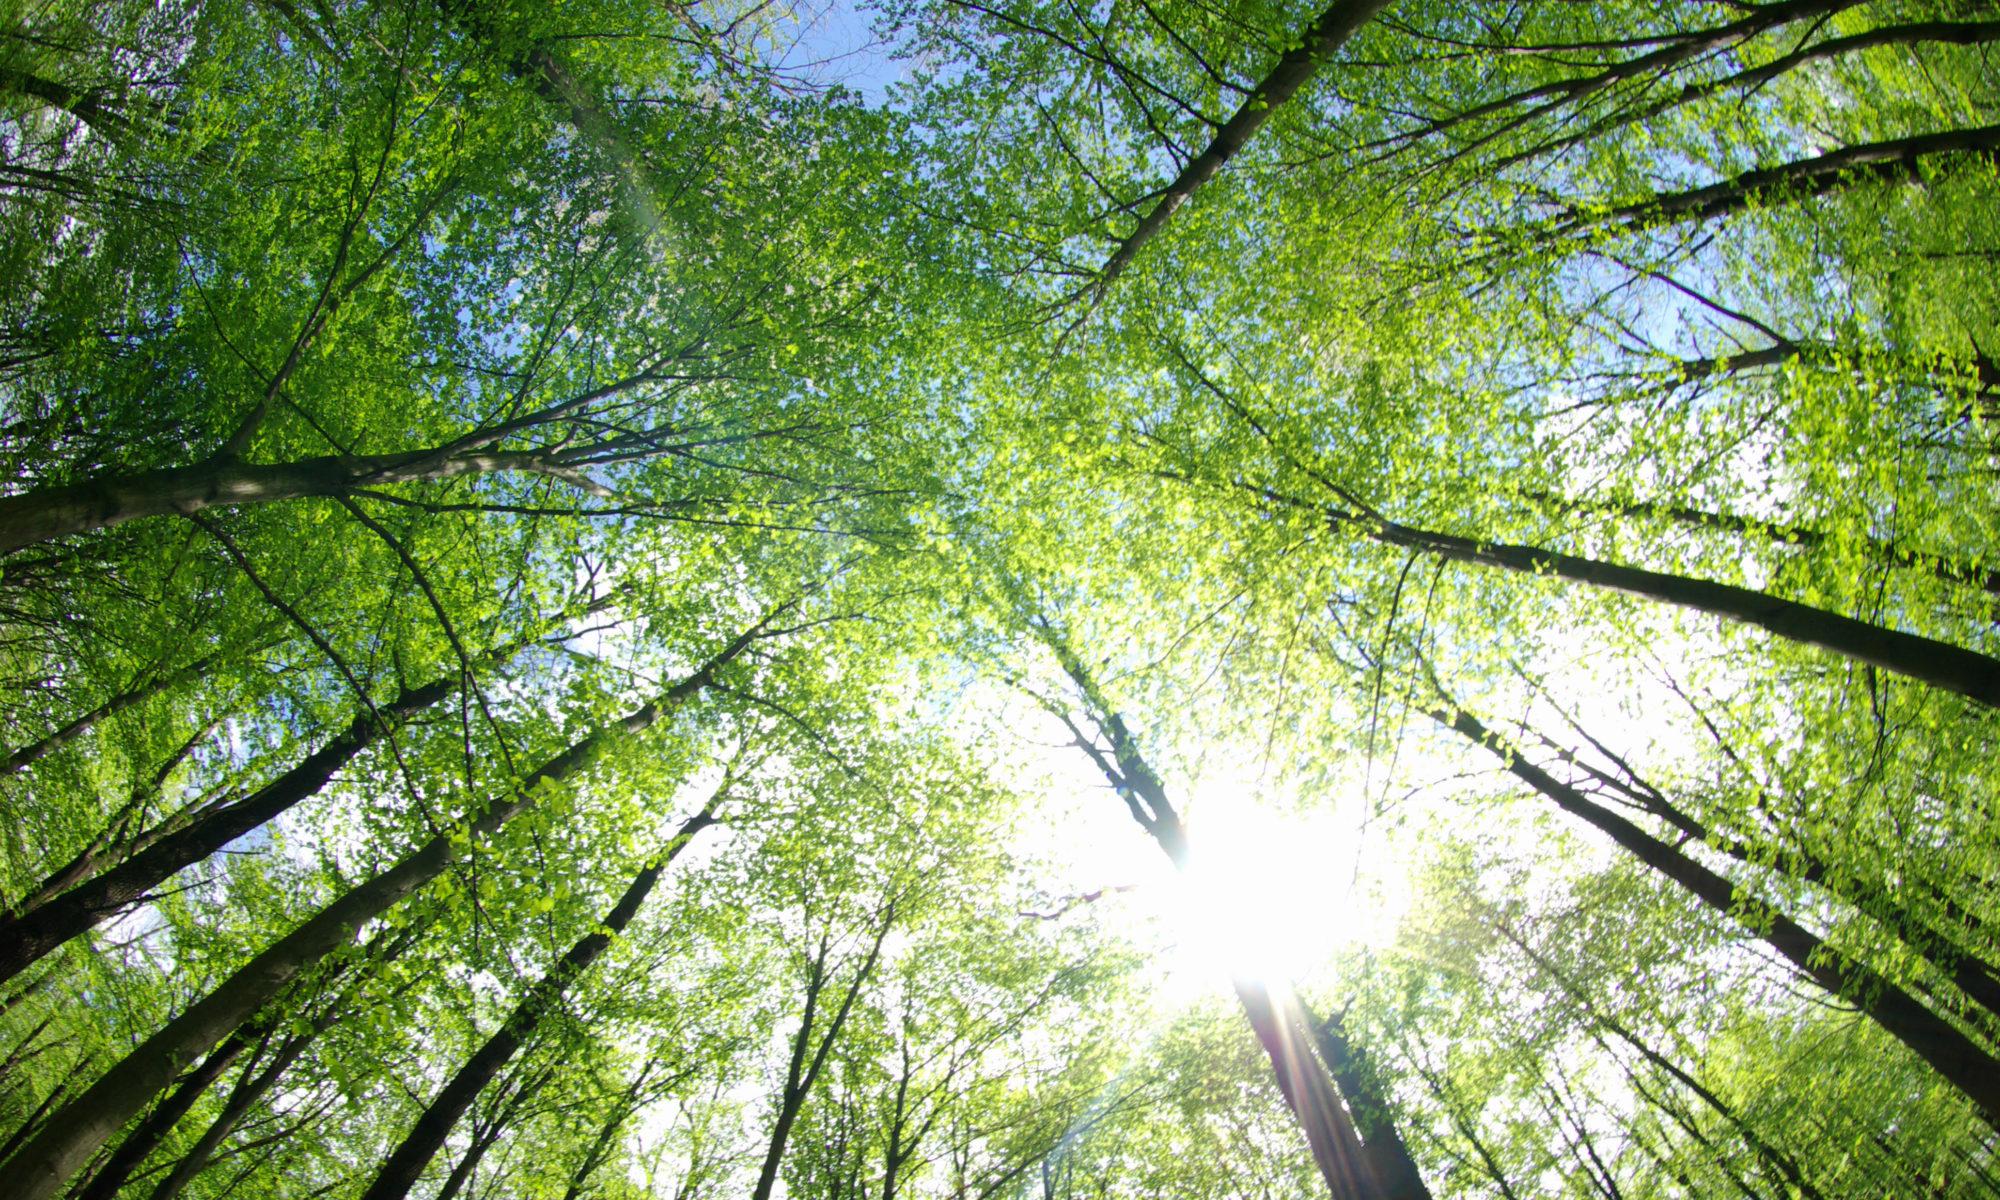 La Performance écologique : Recyclage et valorisation des dechets